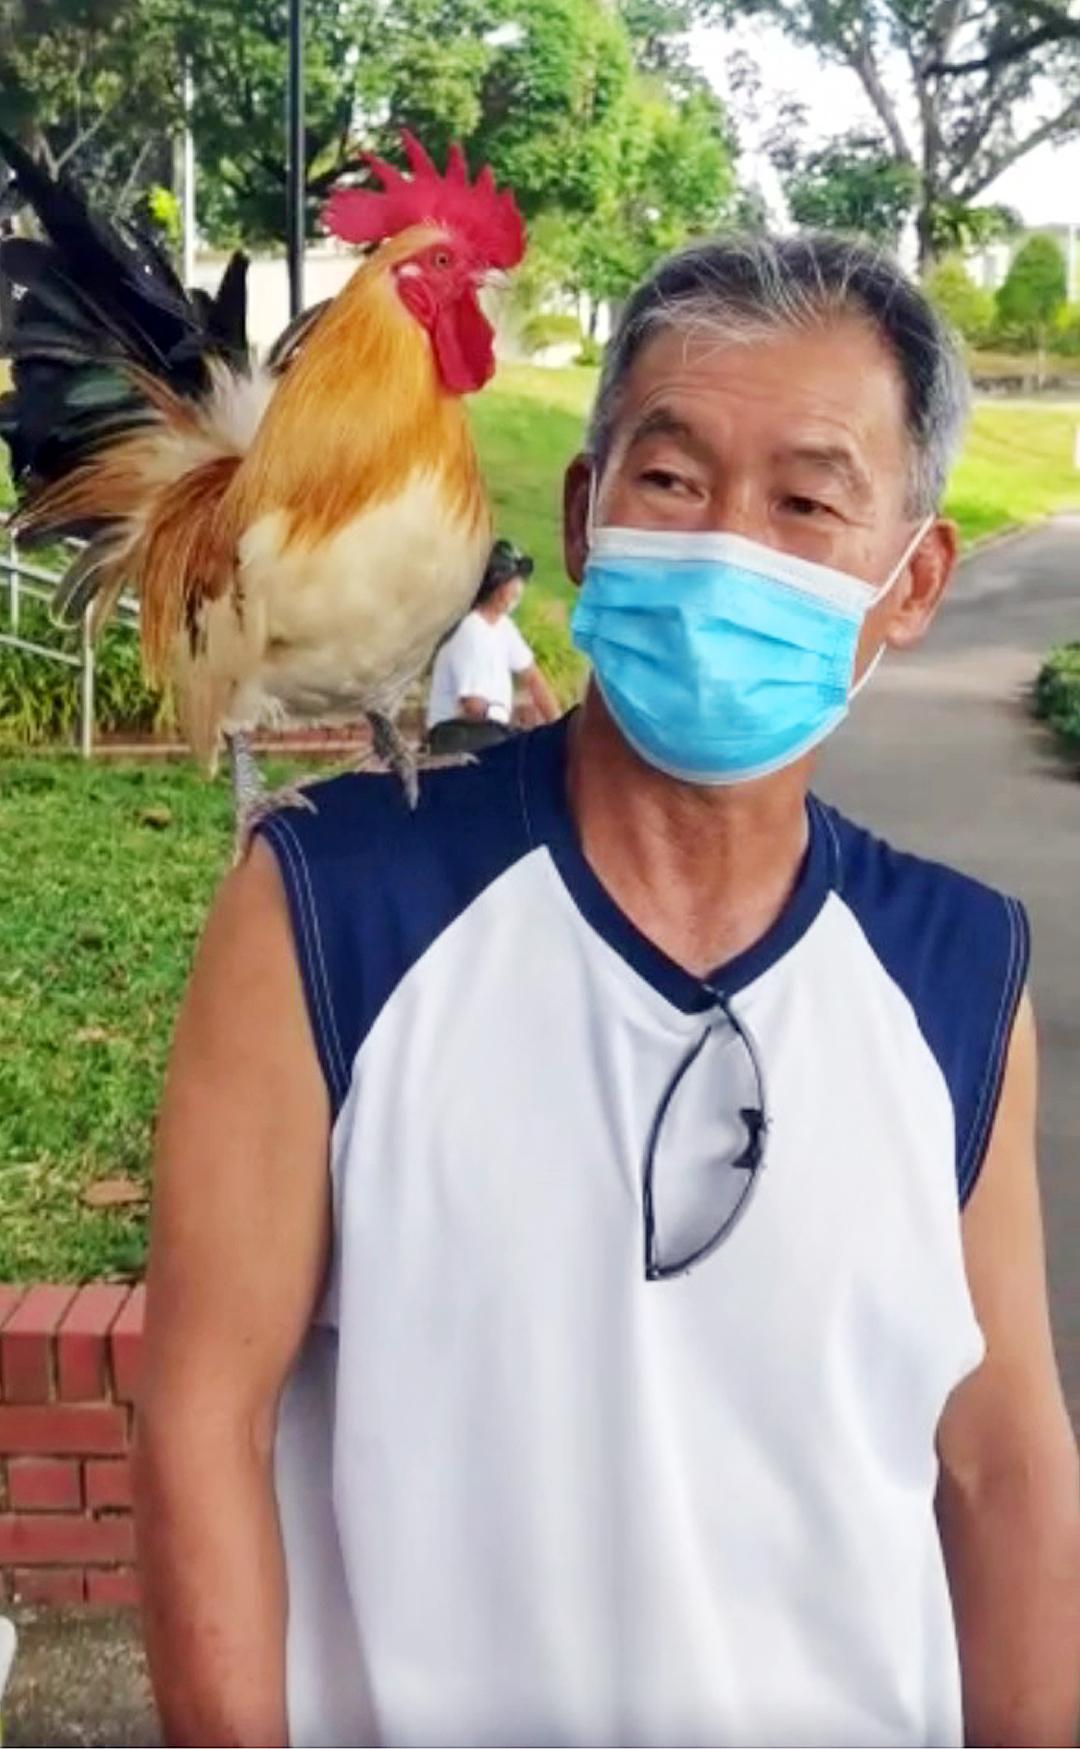 男子骑着脚踏车带公鸡出行,该只公鸡静静地站在他肩上,不吵不闹, 也不会跳下跑掉。(取自面子书)